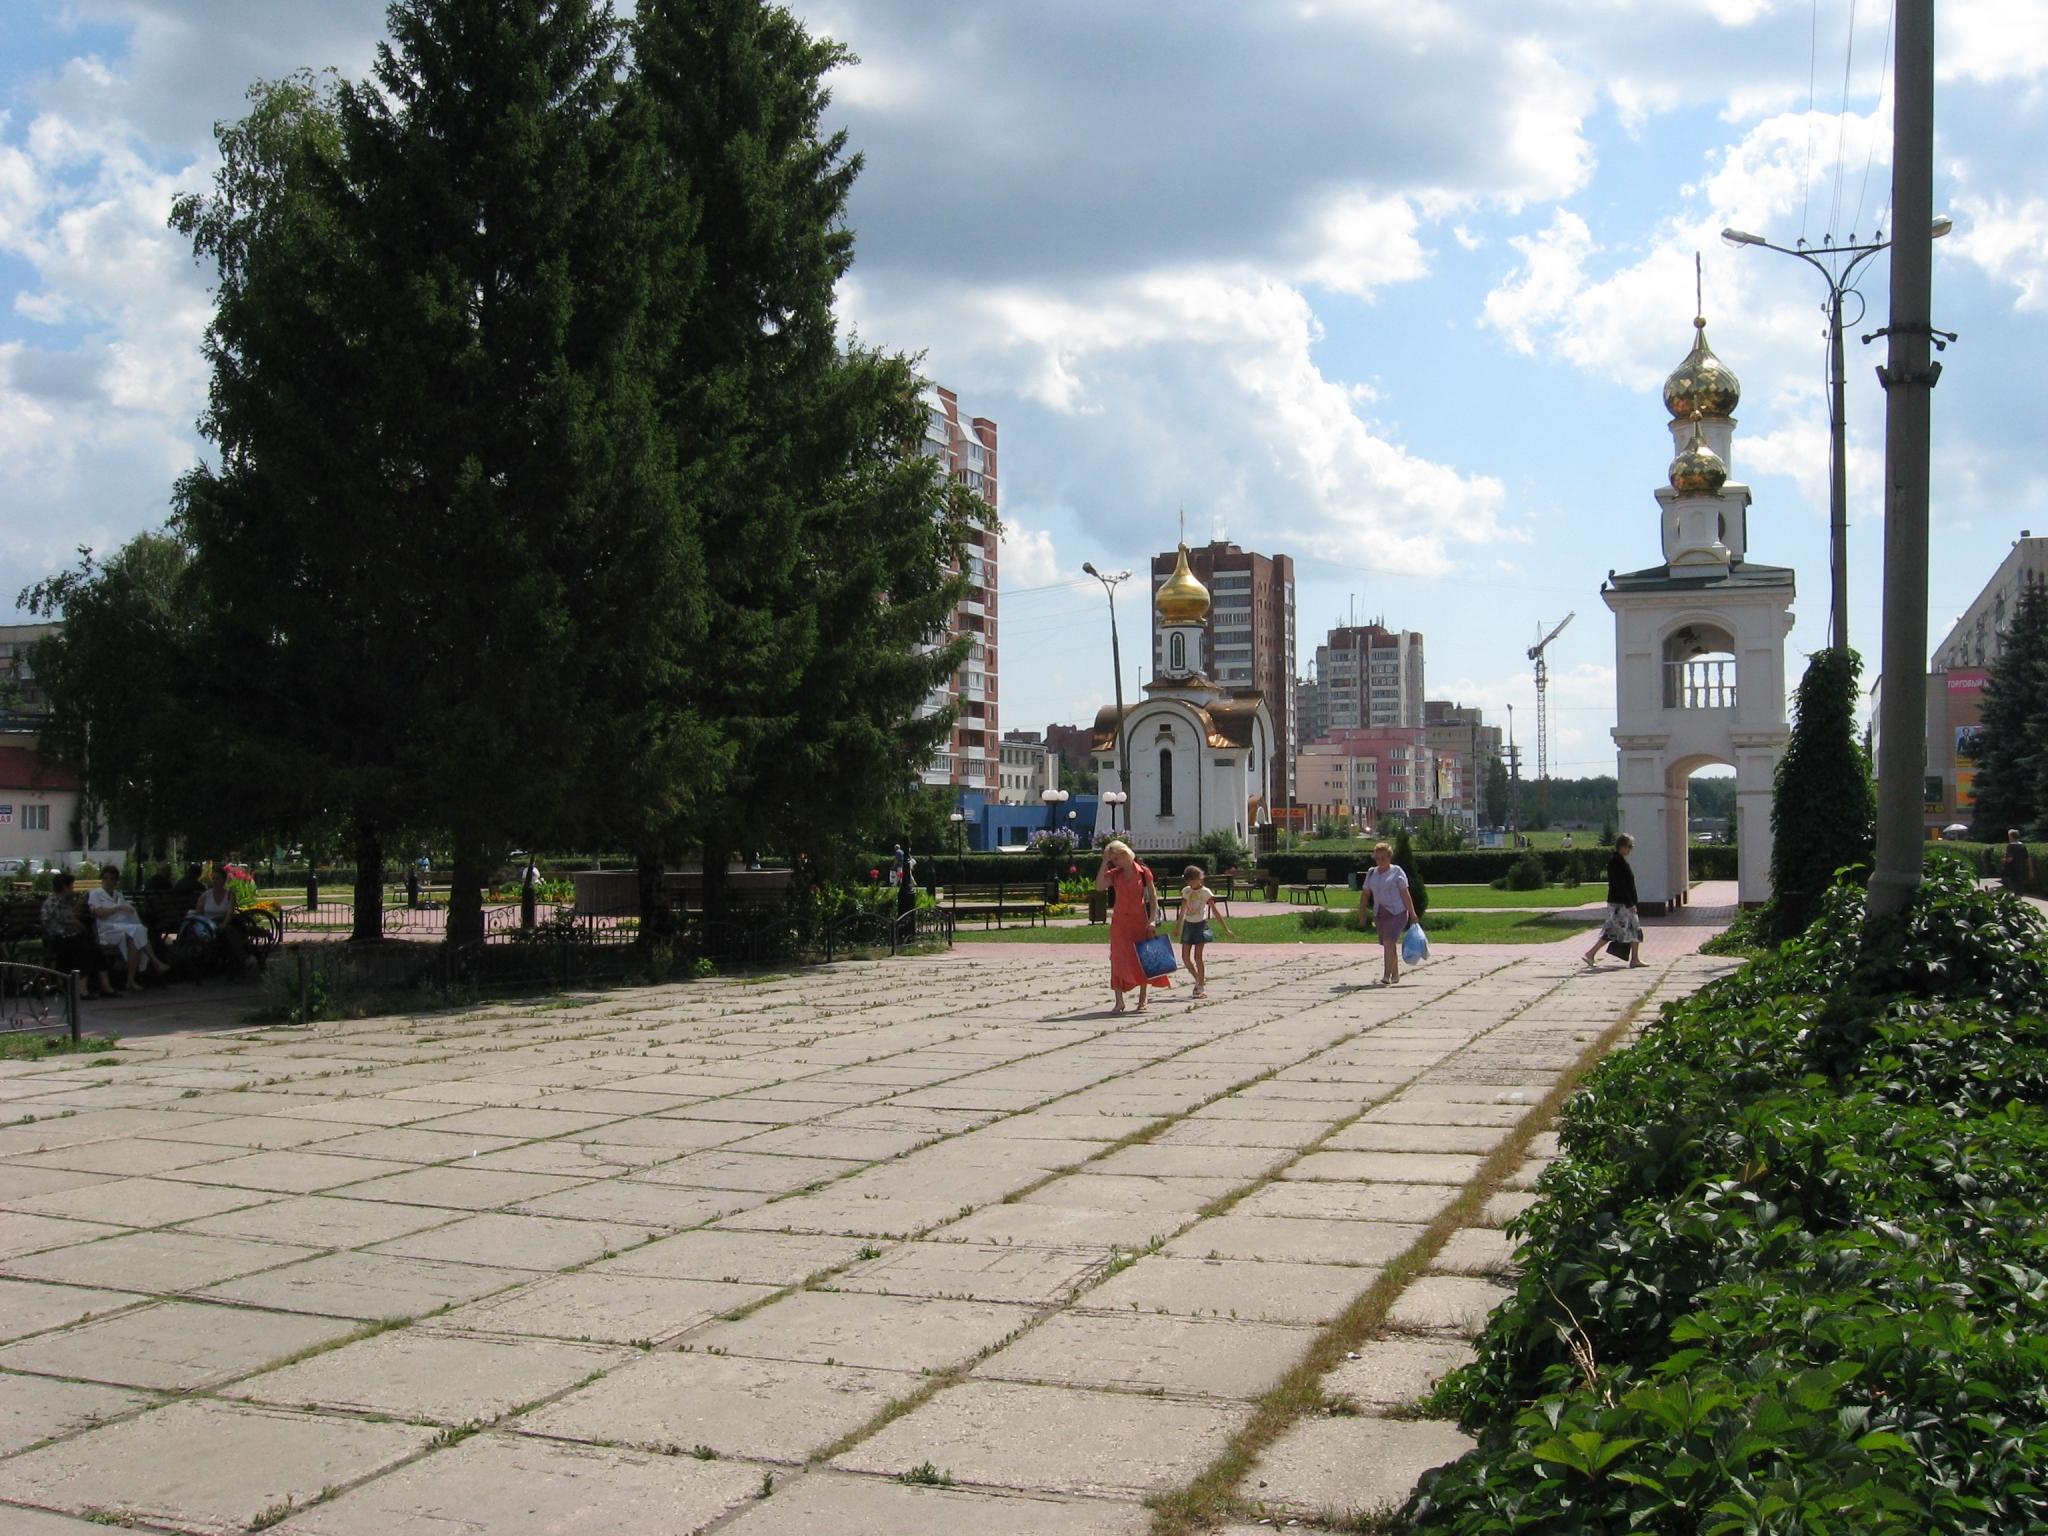 всему миру забавное местечко тольятти фото видео четко